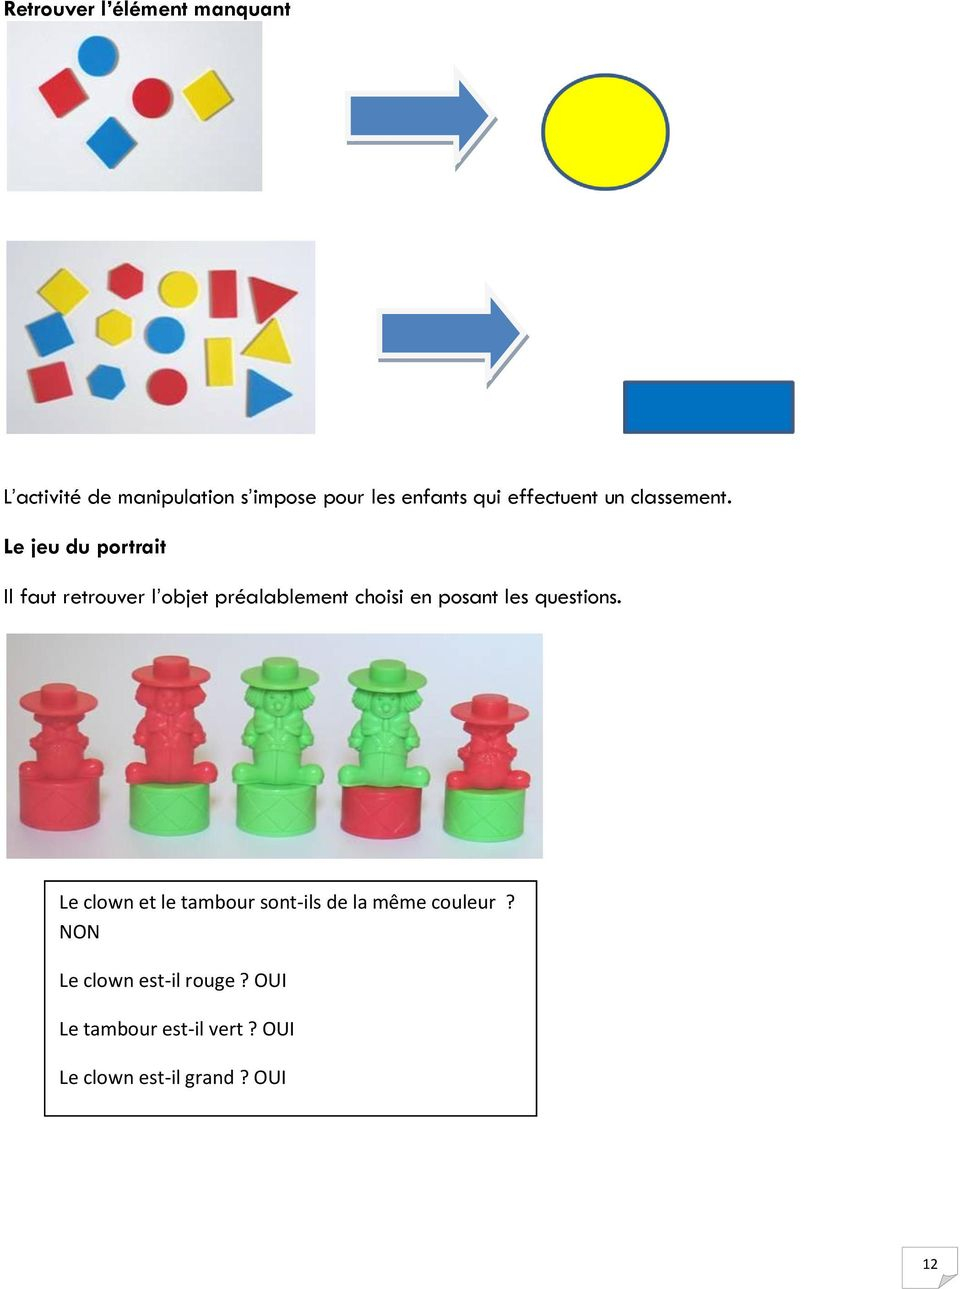 Situations Problème Et Jeux Mathématiques - Pdf destiné Jeux Ou Il Faut Retrouver Des Objets